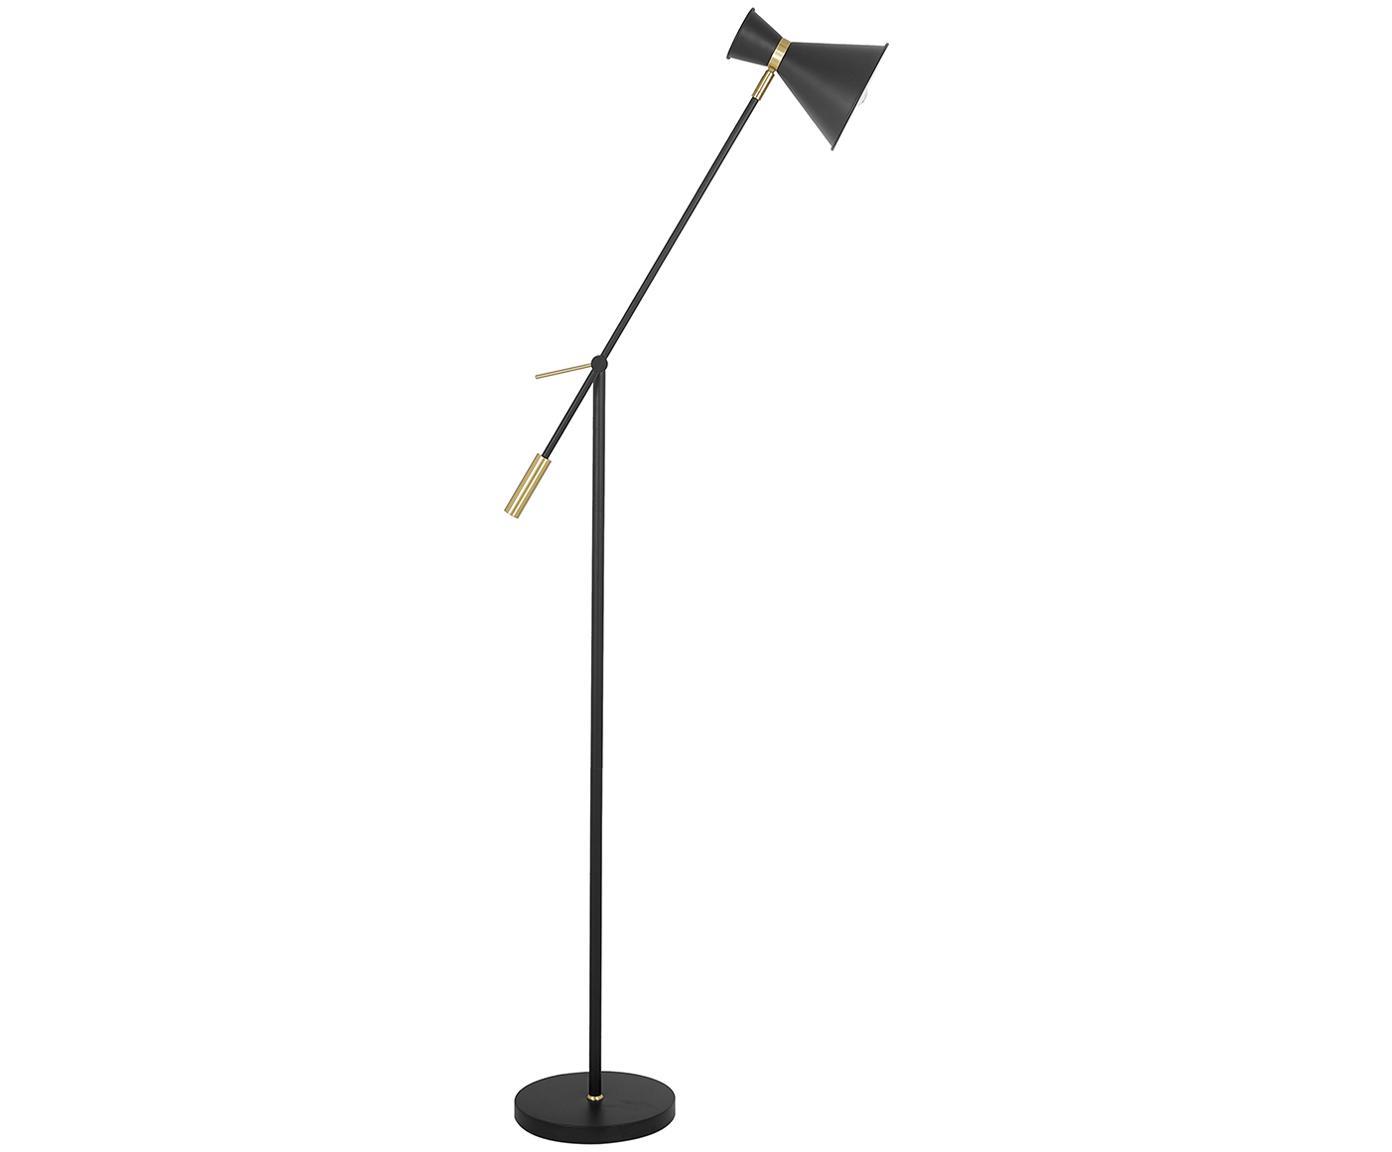 Lampa podłogowa scandi Audrey, Czarny, matowy, ∅ 18 x W 145 cm